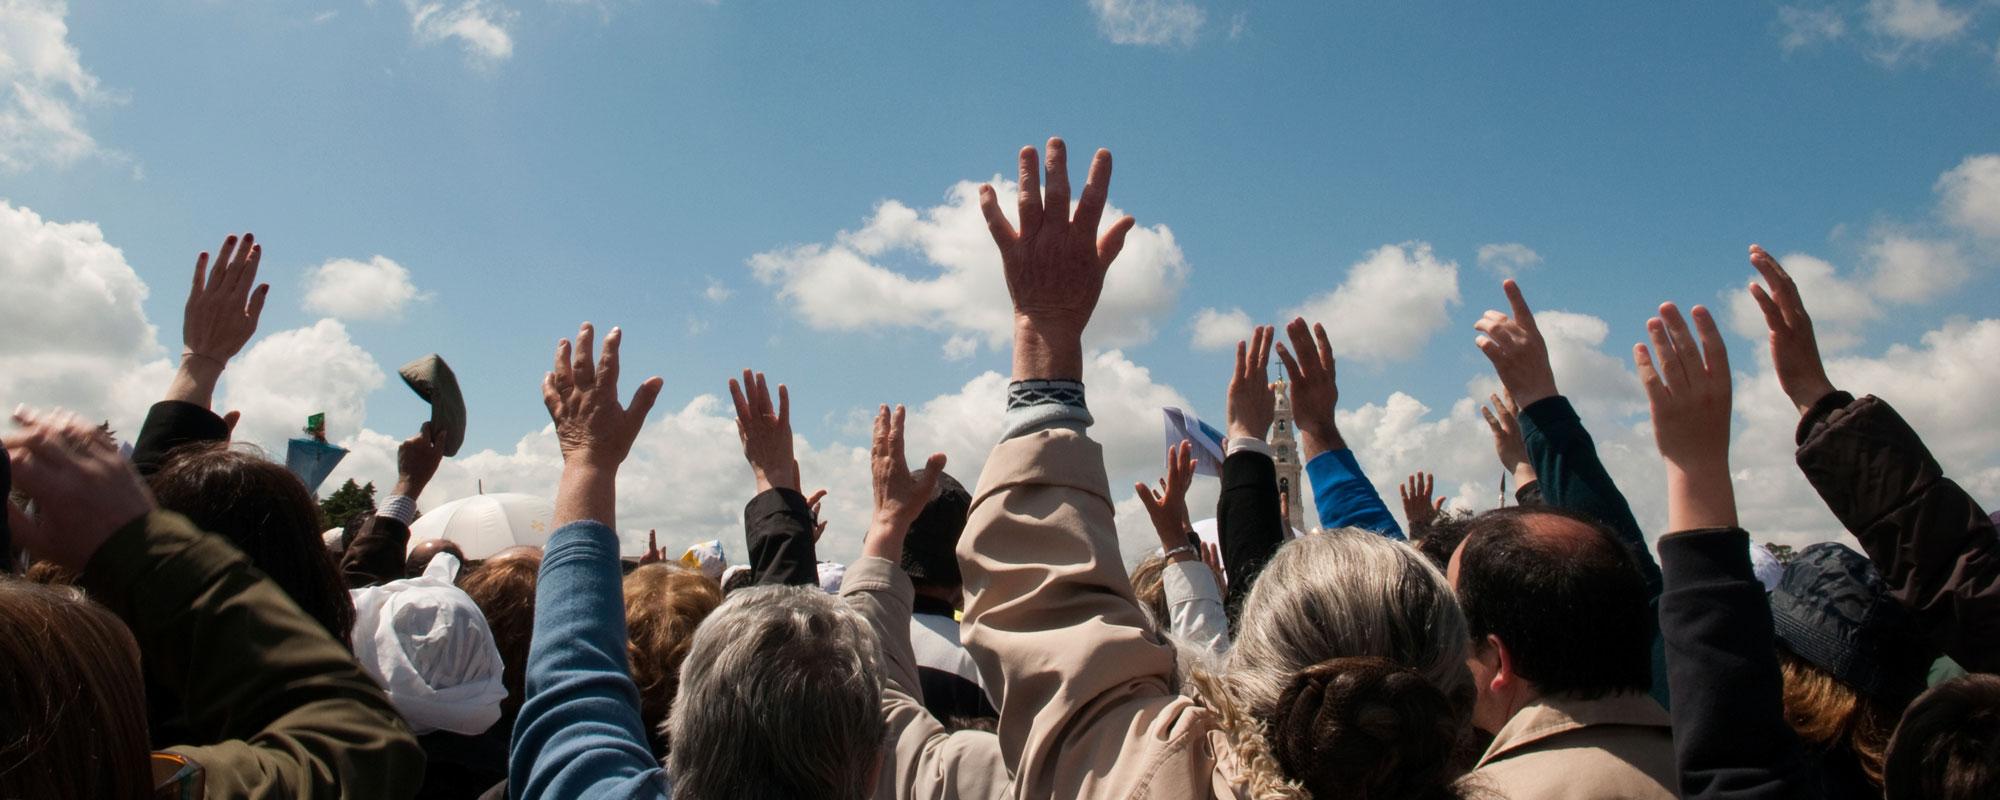 Kirchgemeinden wählen online